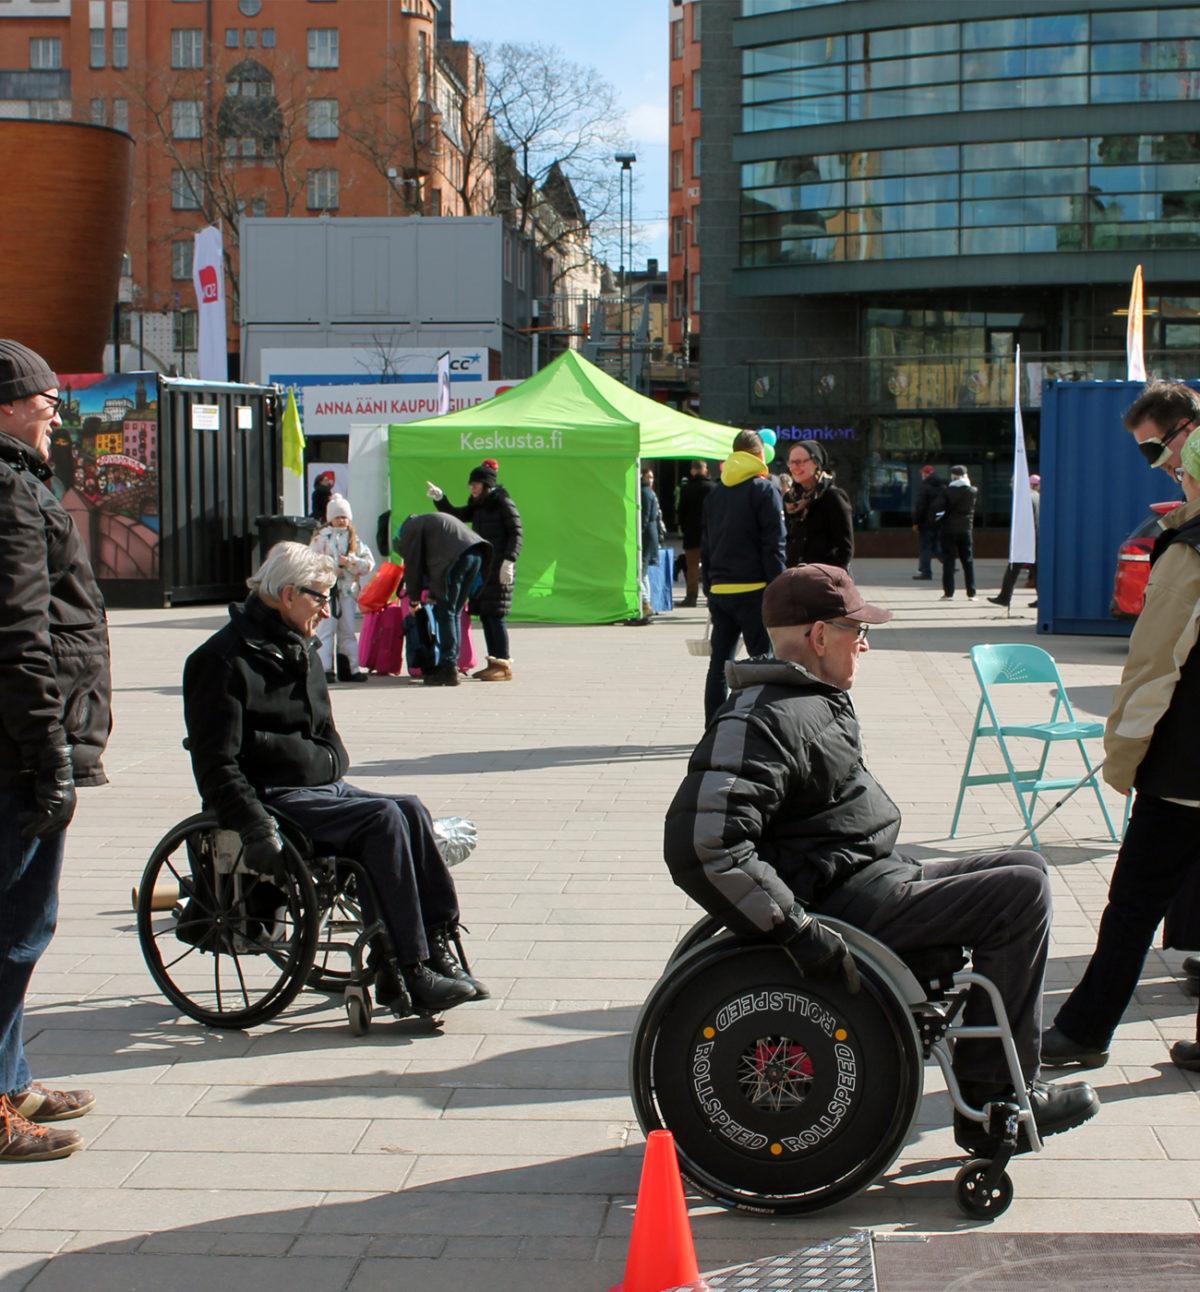 Testaa vamma -tempaus muistutti esteettömyyden tärkeydestä